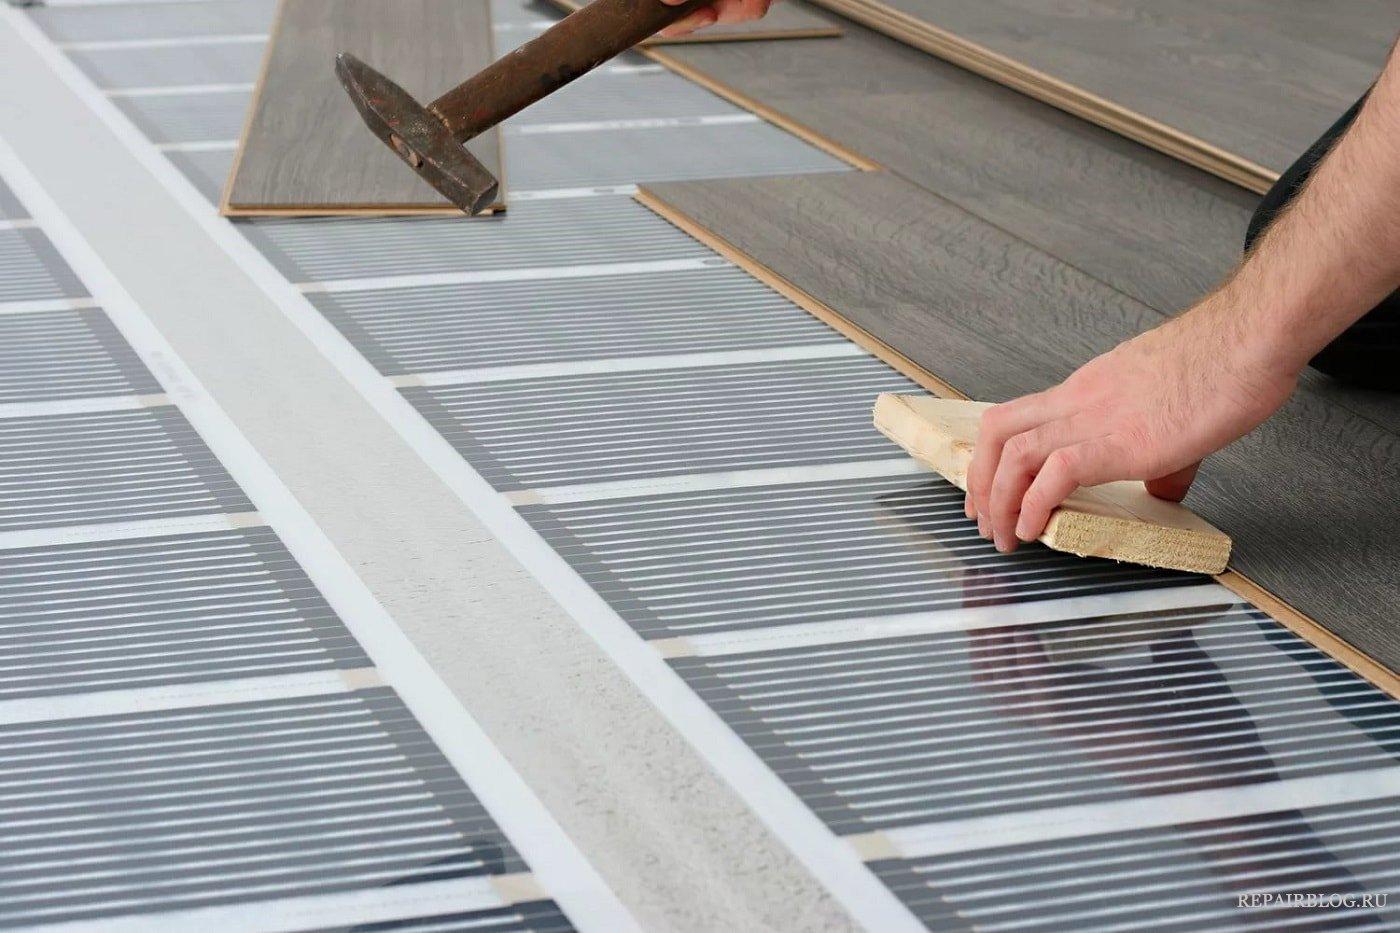 Монтаж финишного покрытия на инфракрасный теплый пол на лоджии